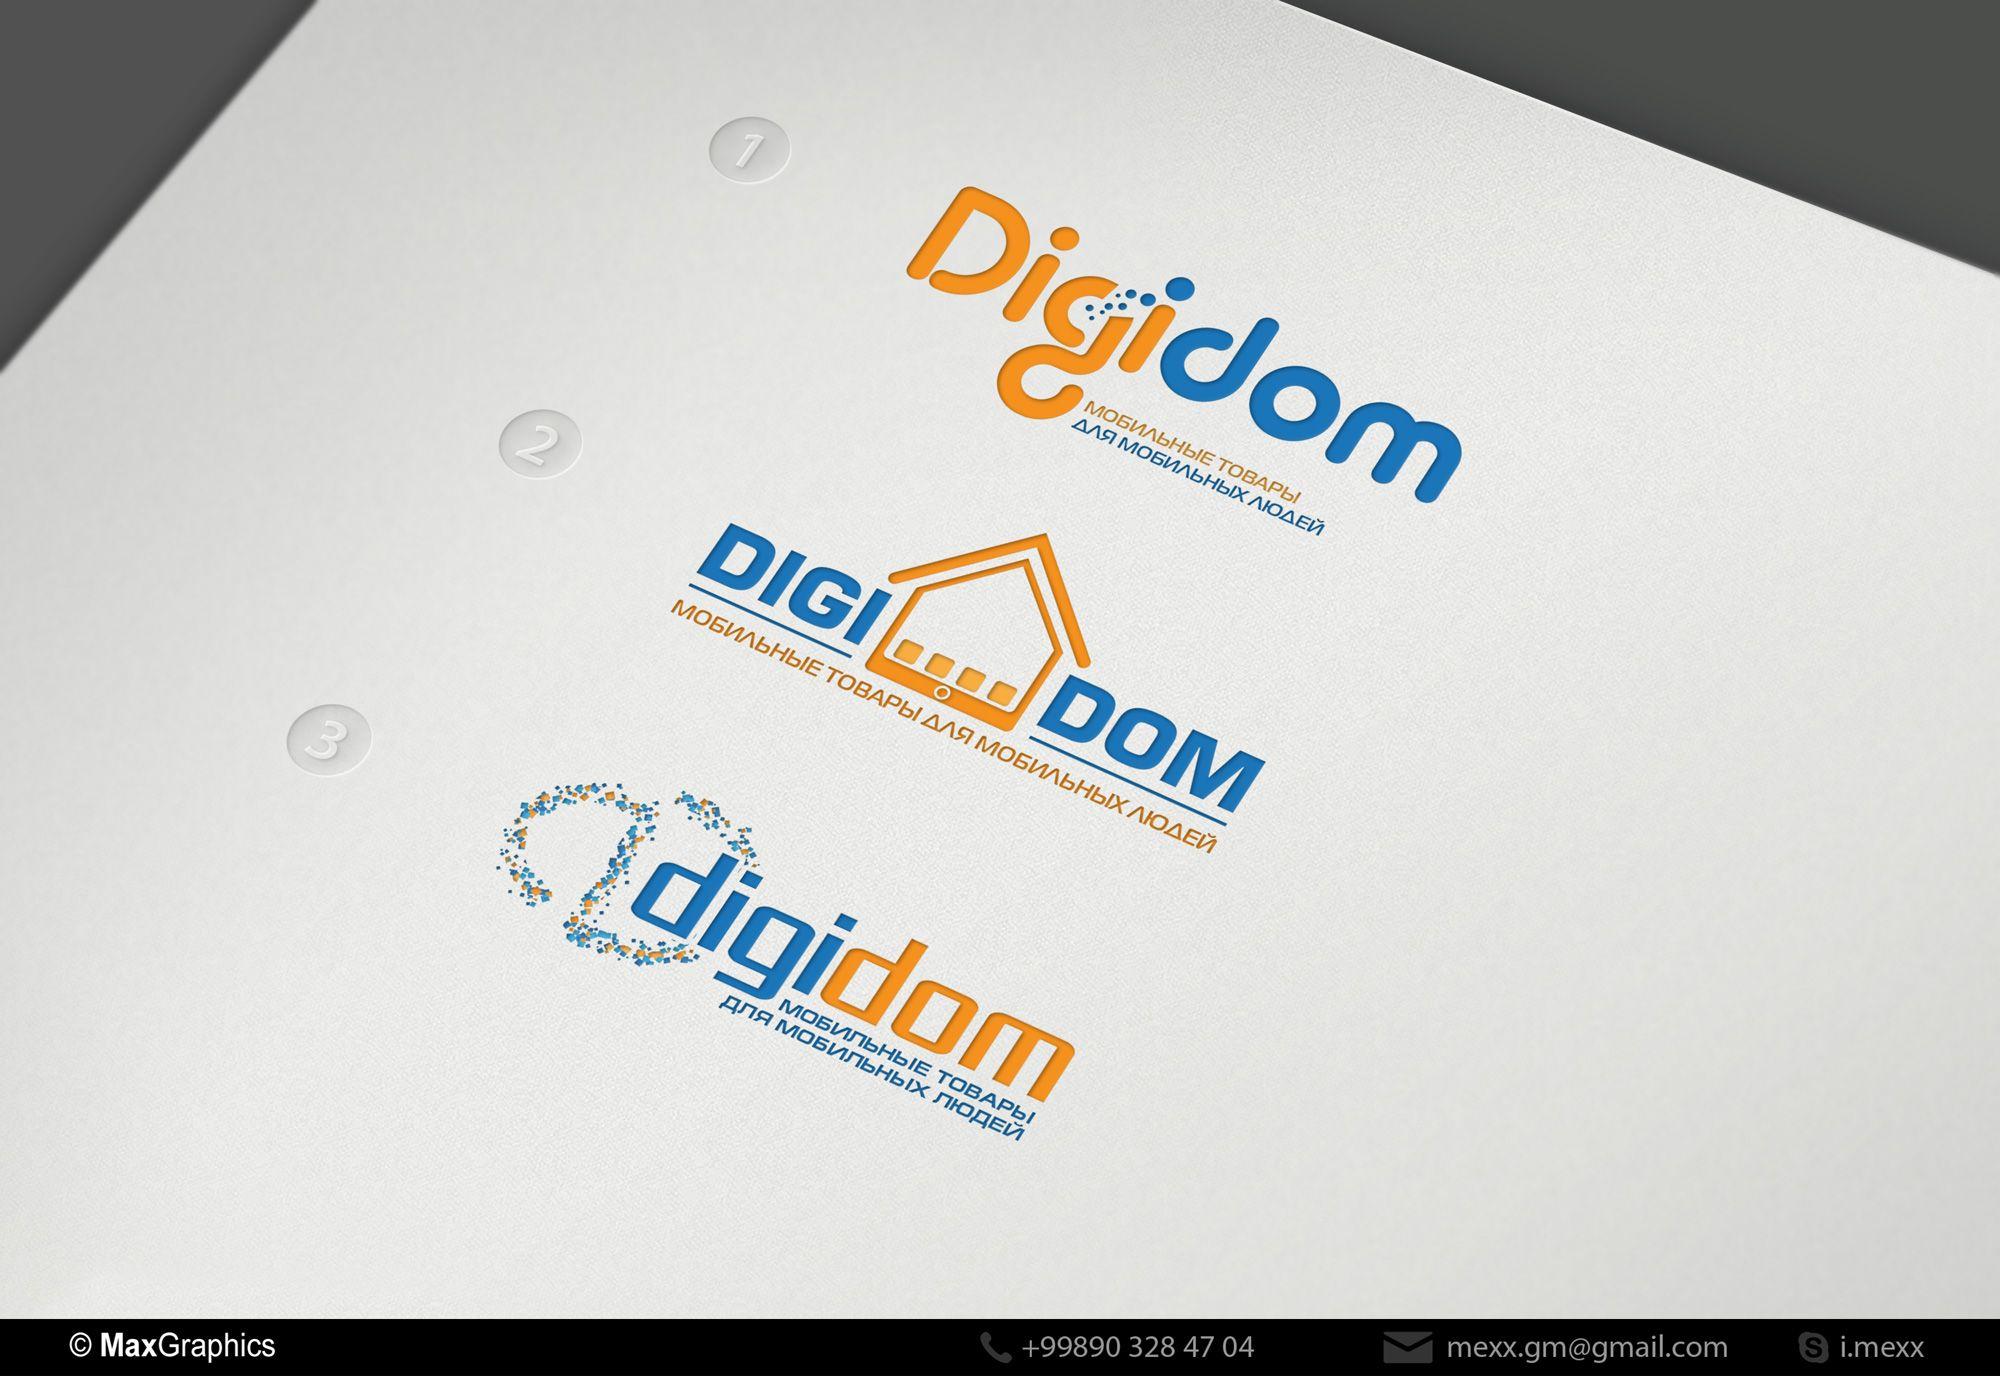 Логотип интернет-магазина мобильных устройств - дизайнер Kreativa